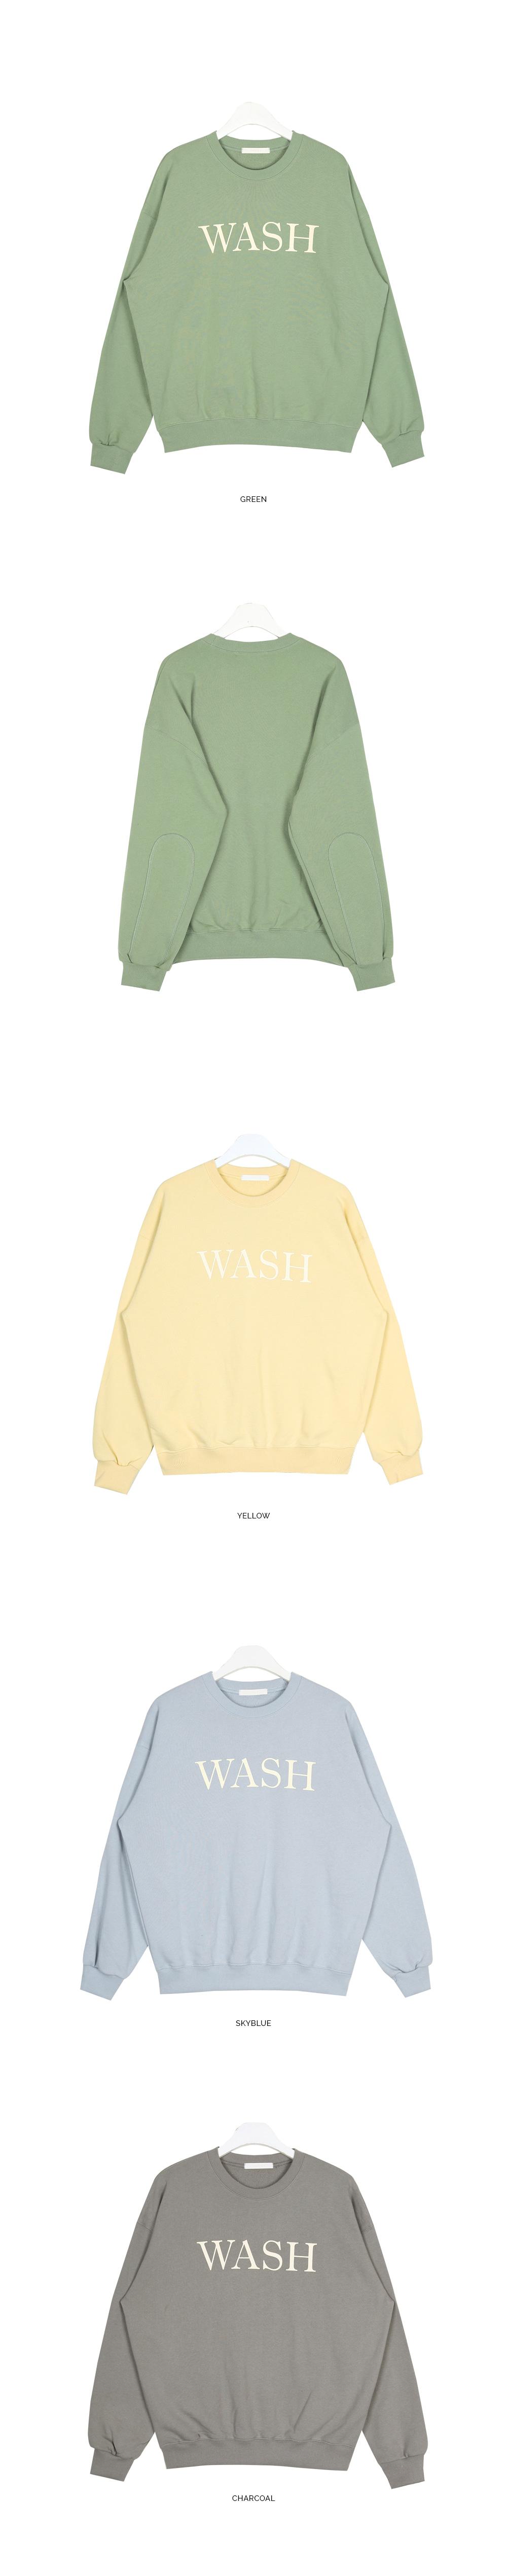 wash lettering mtm